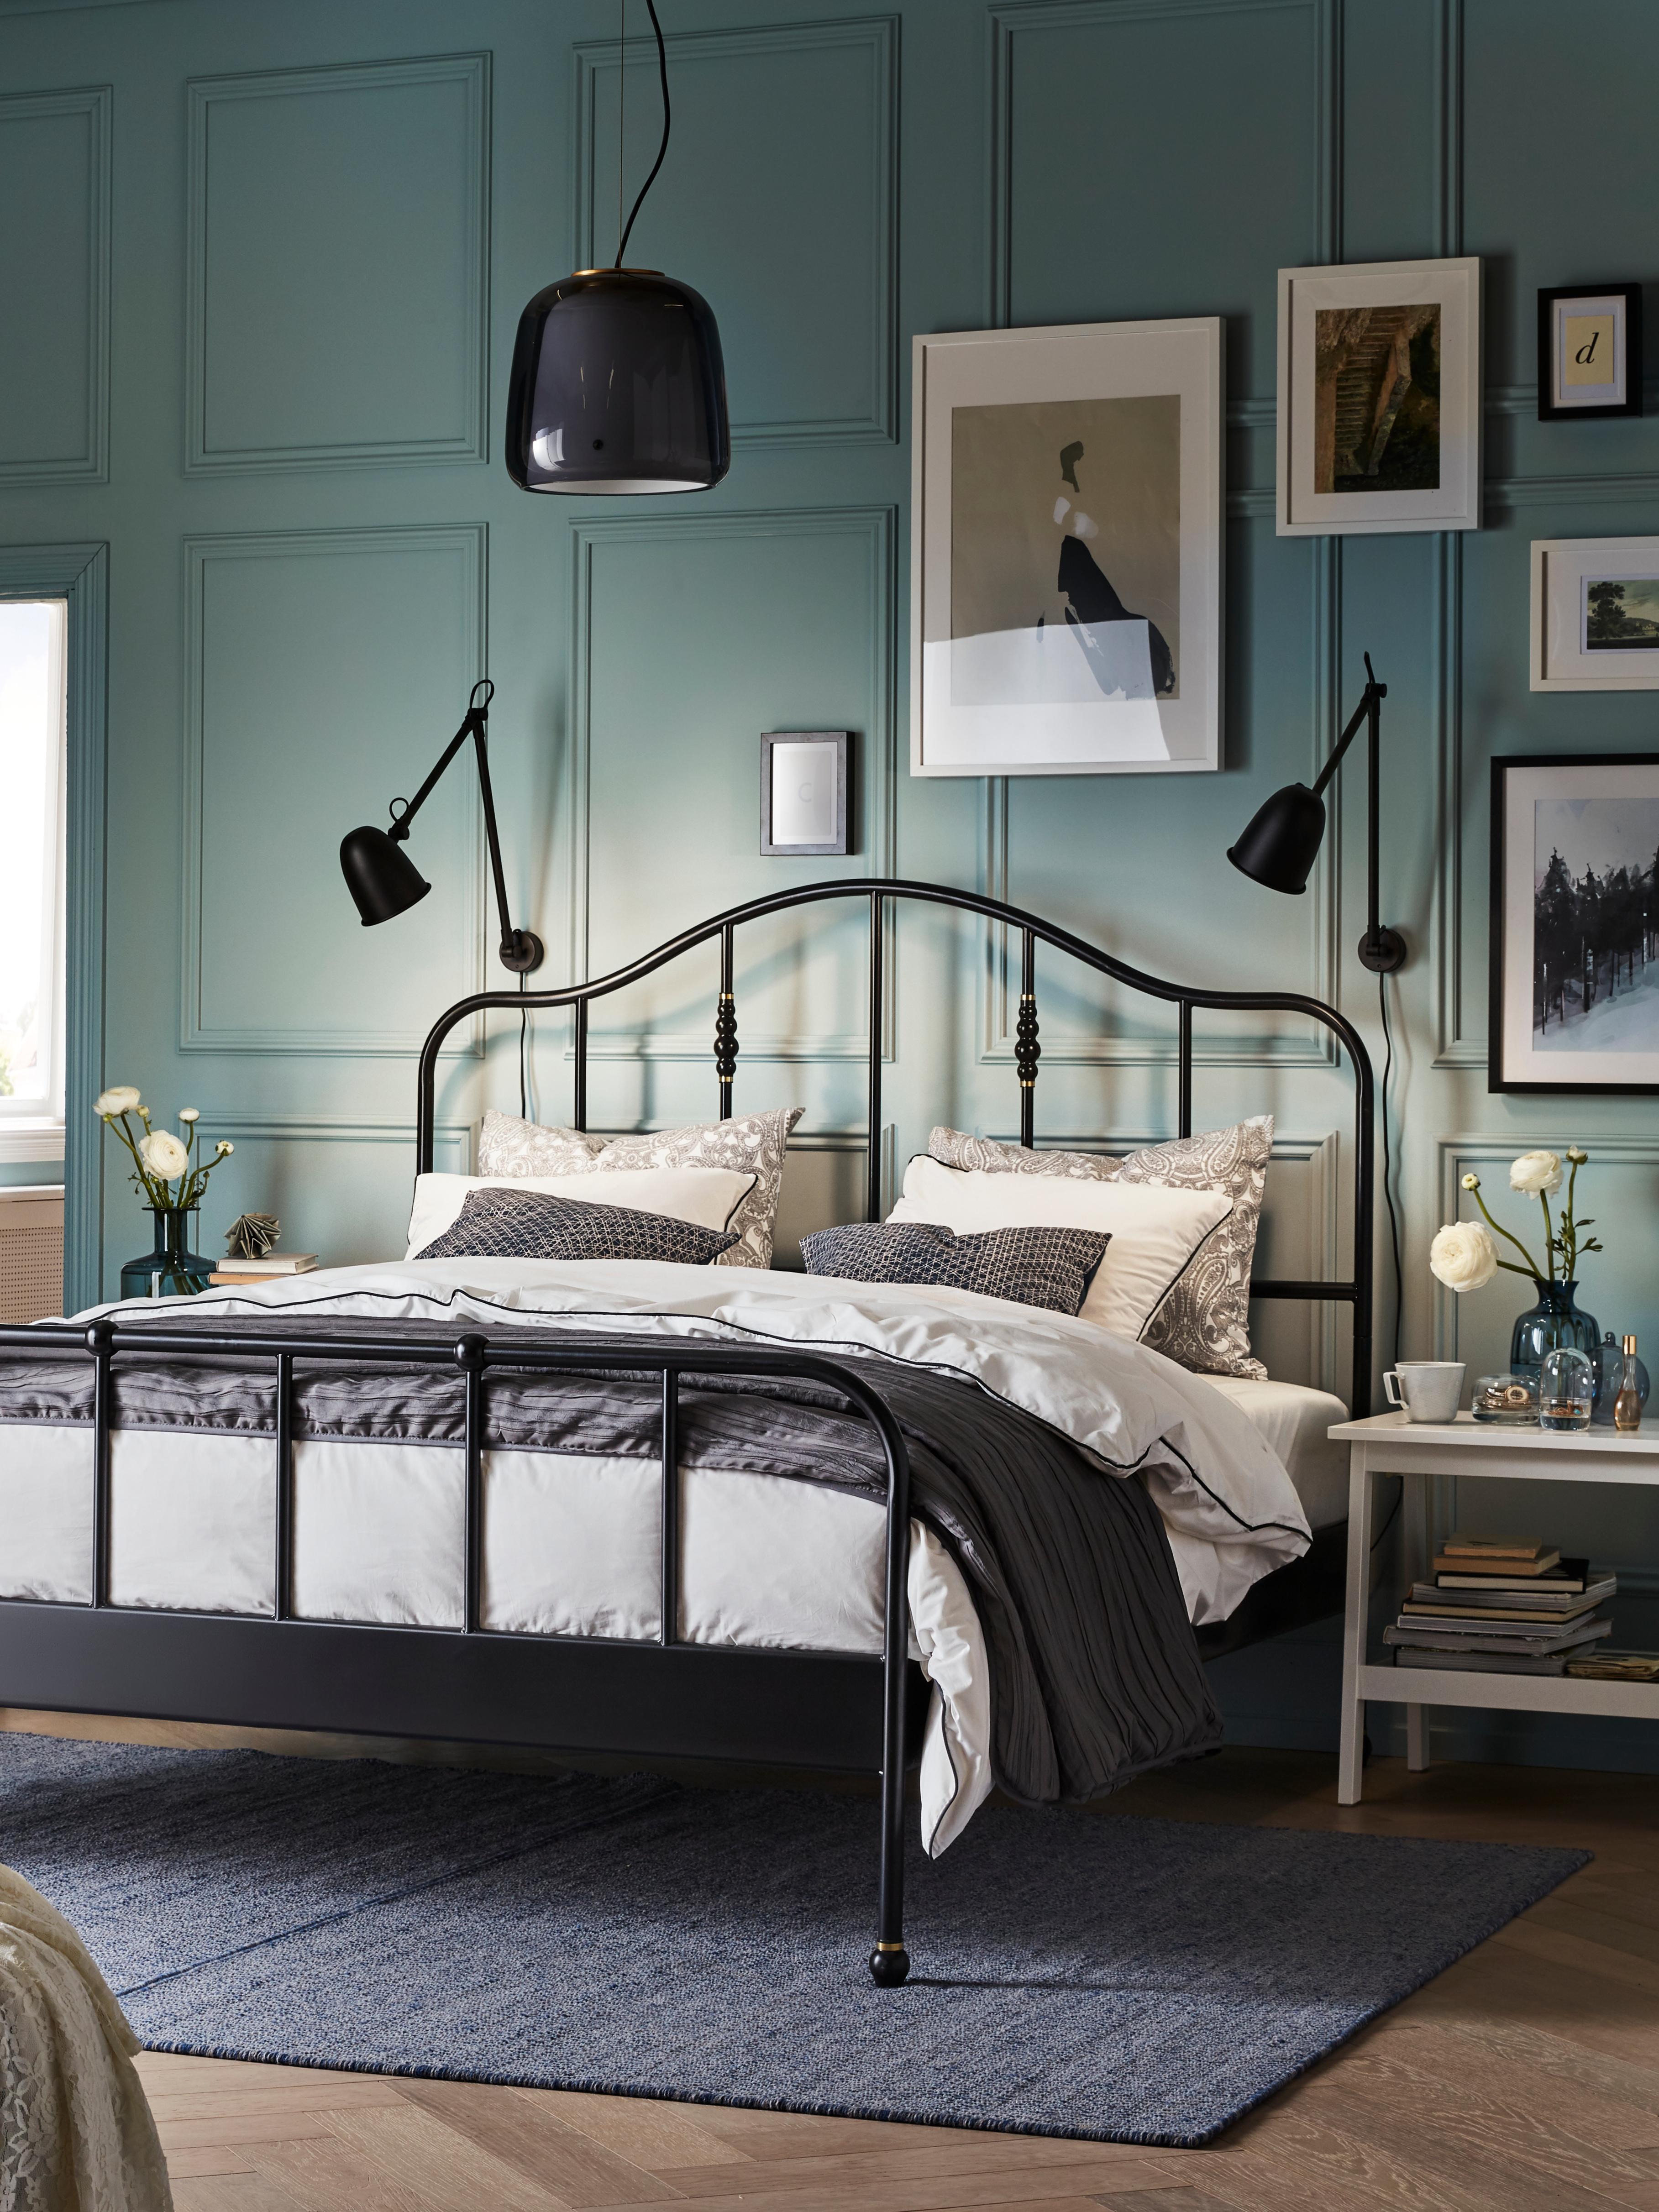 Stanza verde con struttura letto SAGSTUA nera, copriletto grigio e lampada a sospensione color ottone.